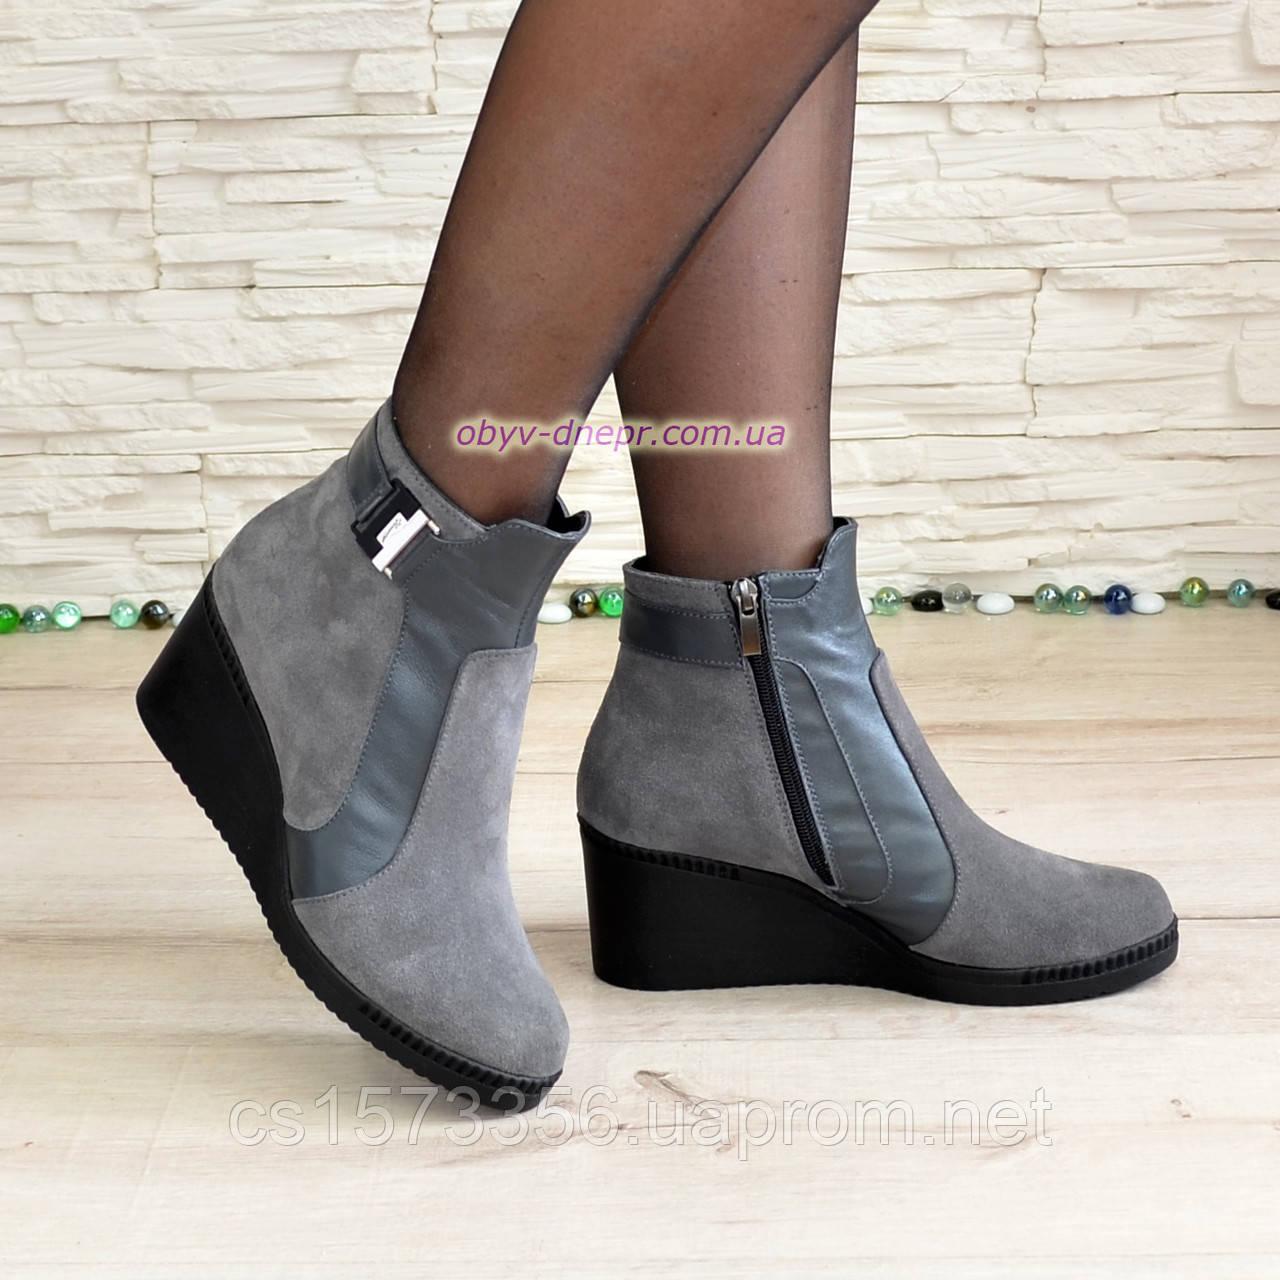 fe78703eb Ботинки женские зимние на платформе, натуральная замша и кожа серого цвета